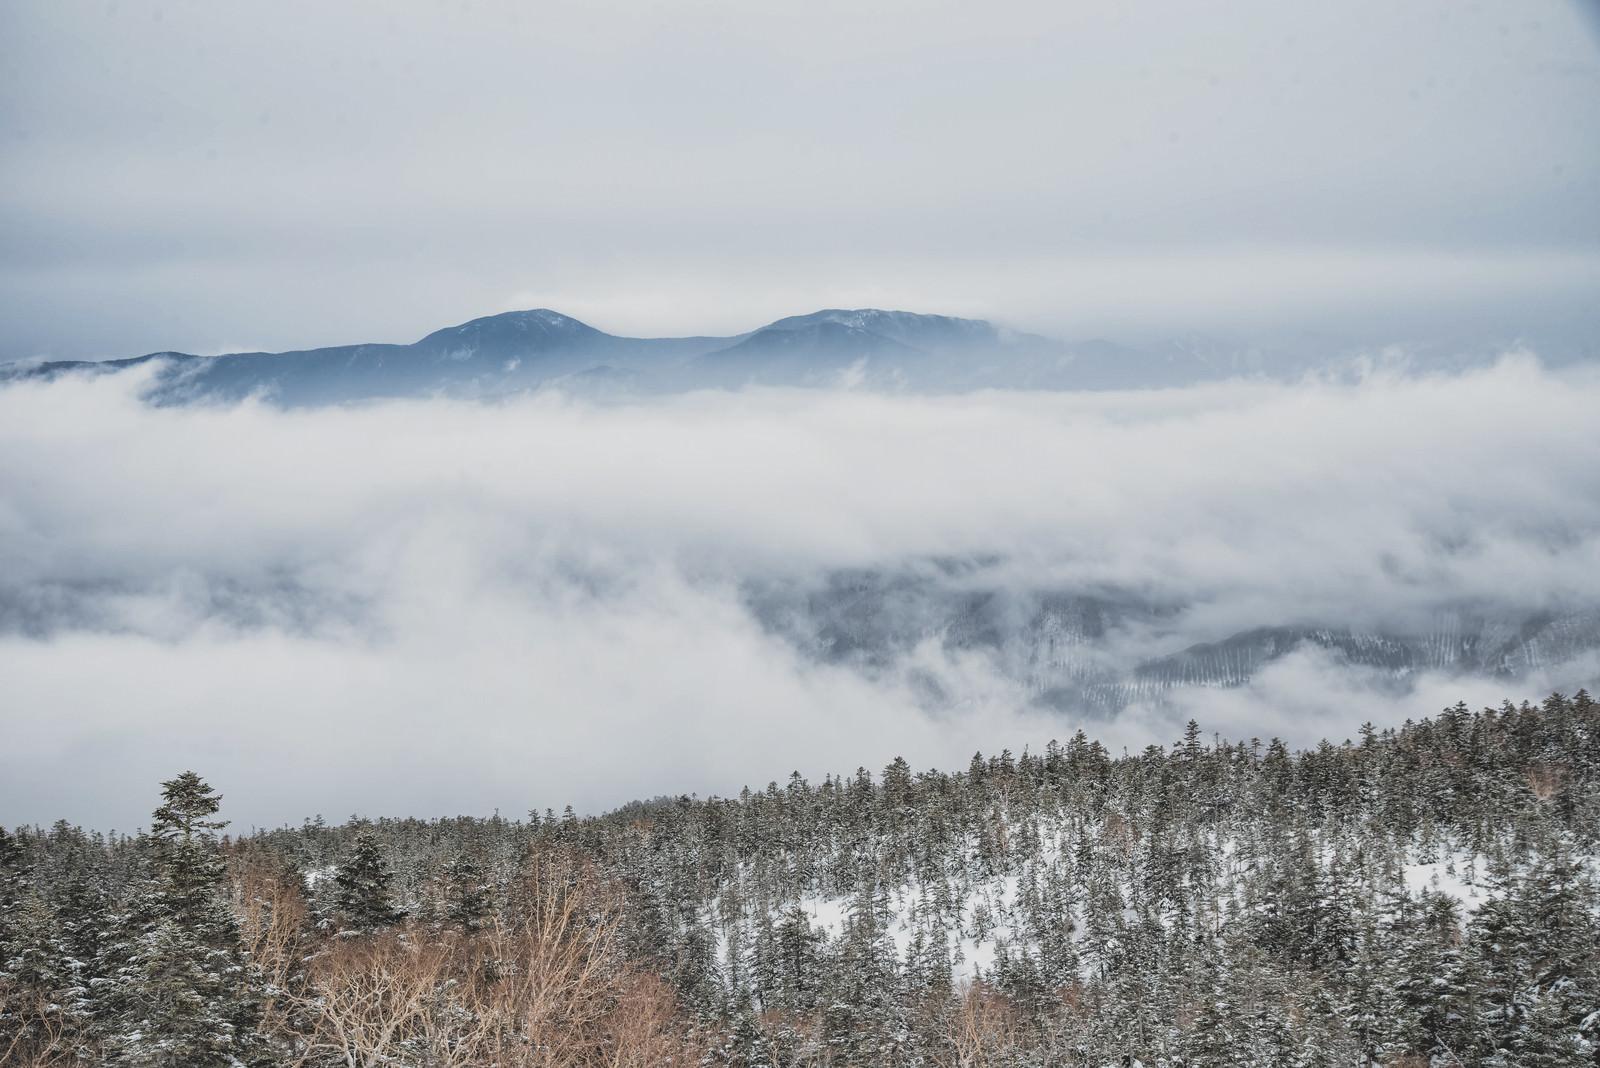 「雲の上に顔を出す山々」の写真